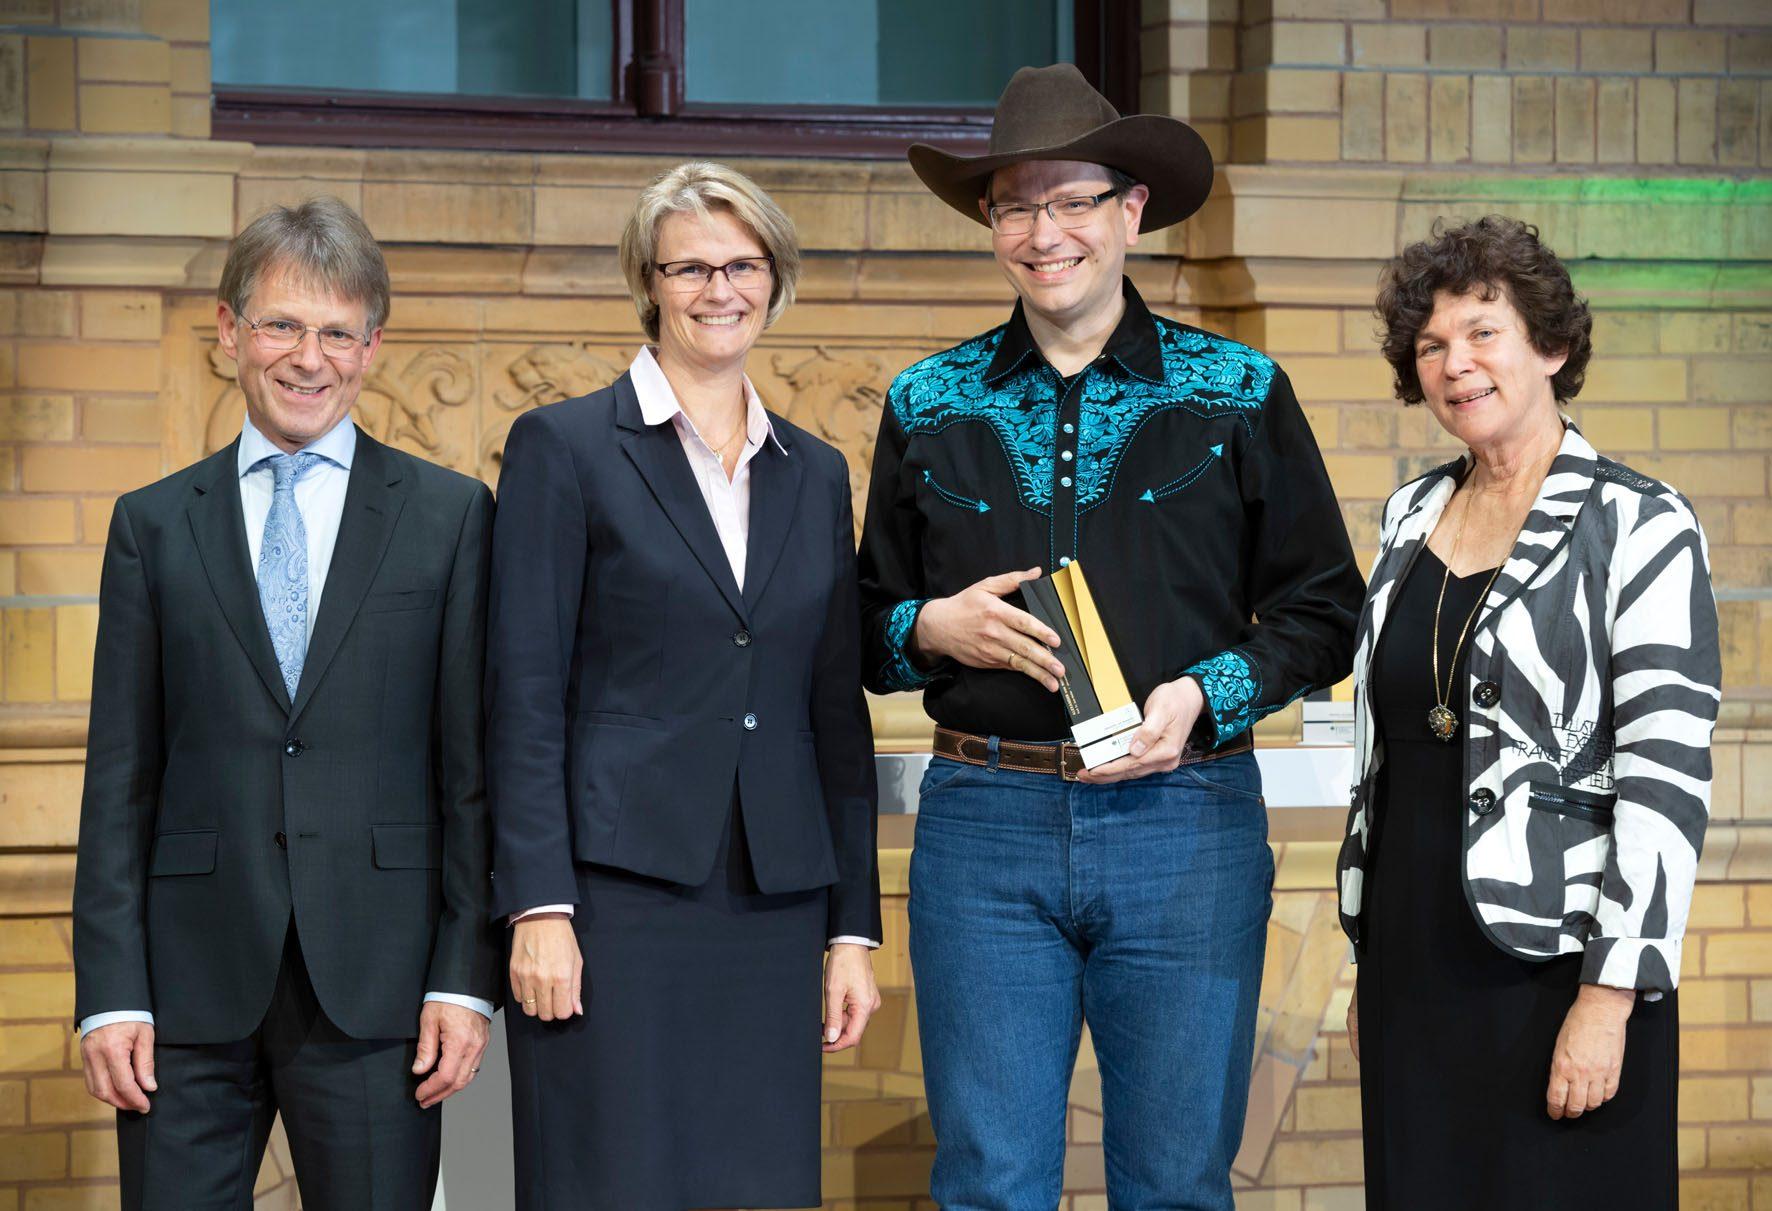 The Alexander von Humboldt Foundation awarded Prof. Dr. Jens Meiler